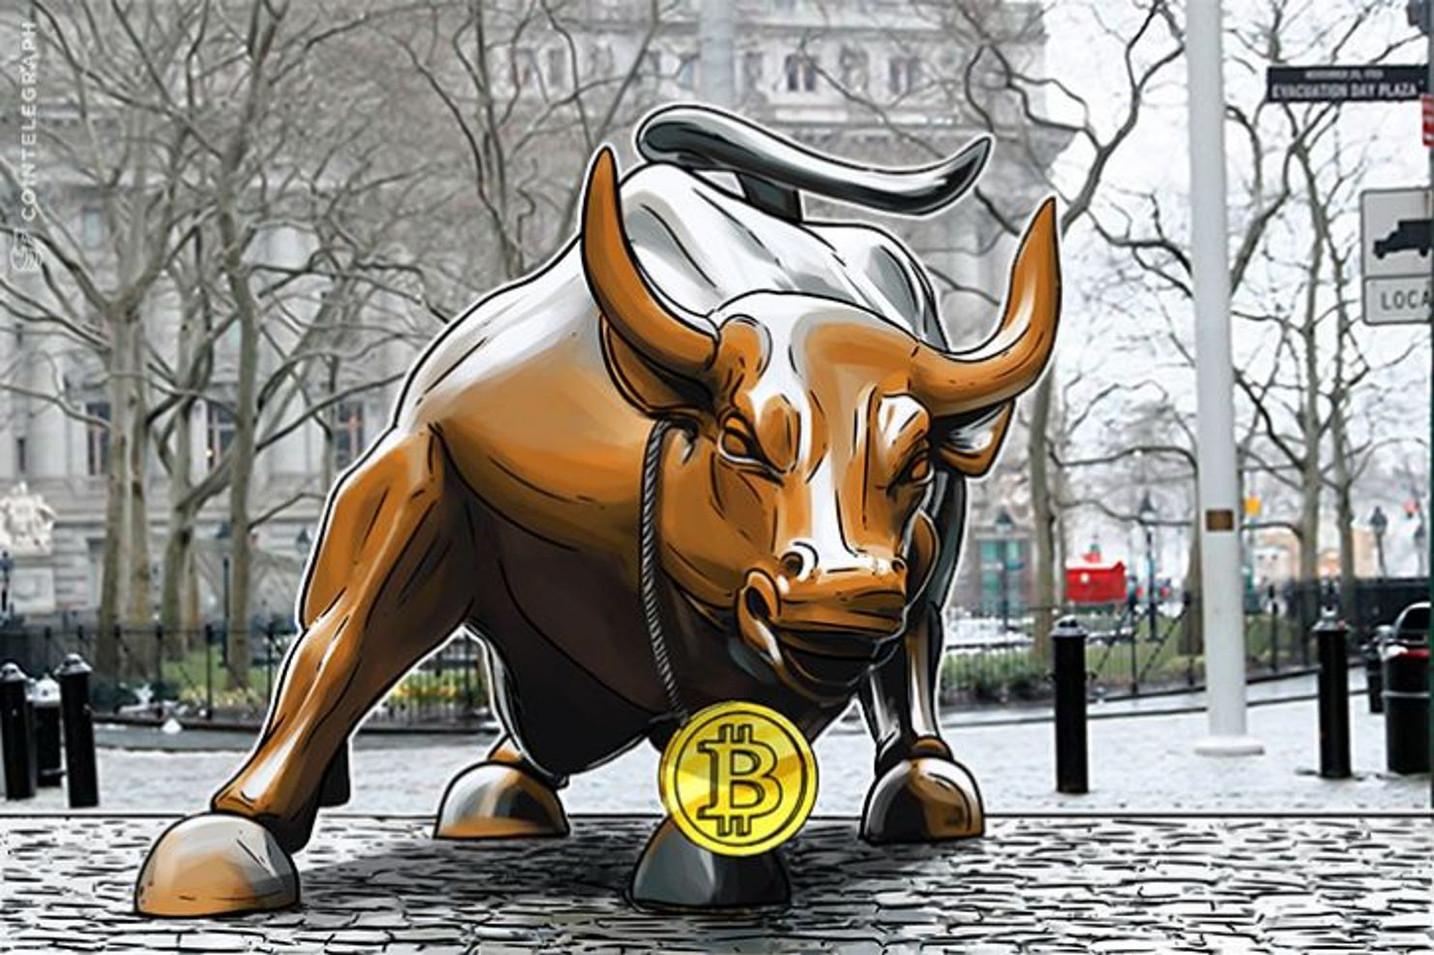 仮想通貨ビットコインに興味がある米国人投資家は何人?年収や年齢なども明らかに